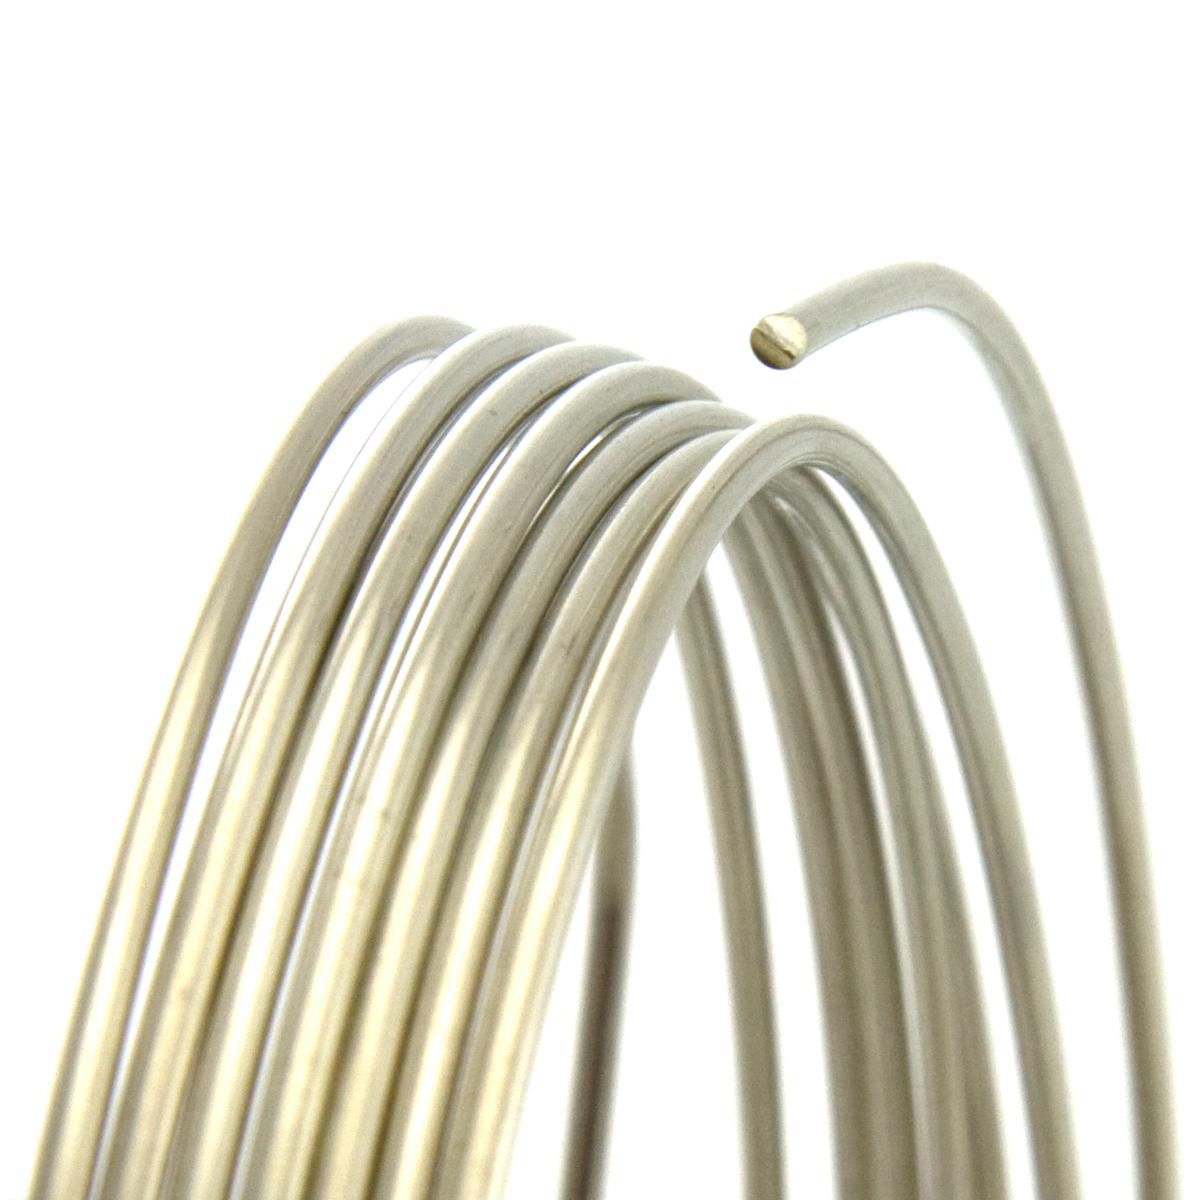 20 gauge round half hard nickel silver wire wire jewelry wire 20 gauge round half hard nickel silver wire greentooth Gallery